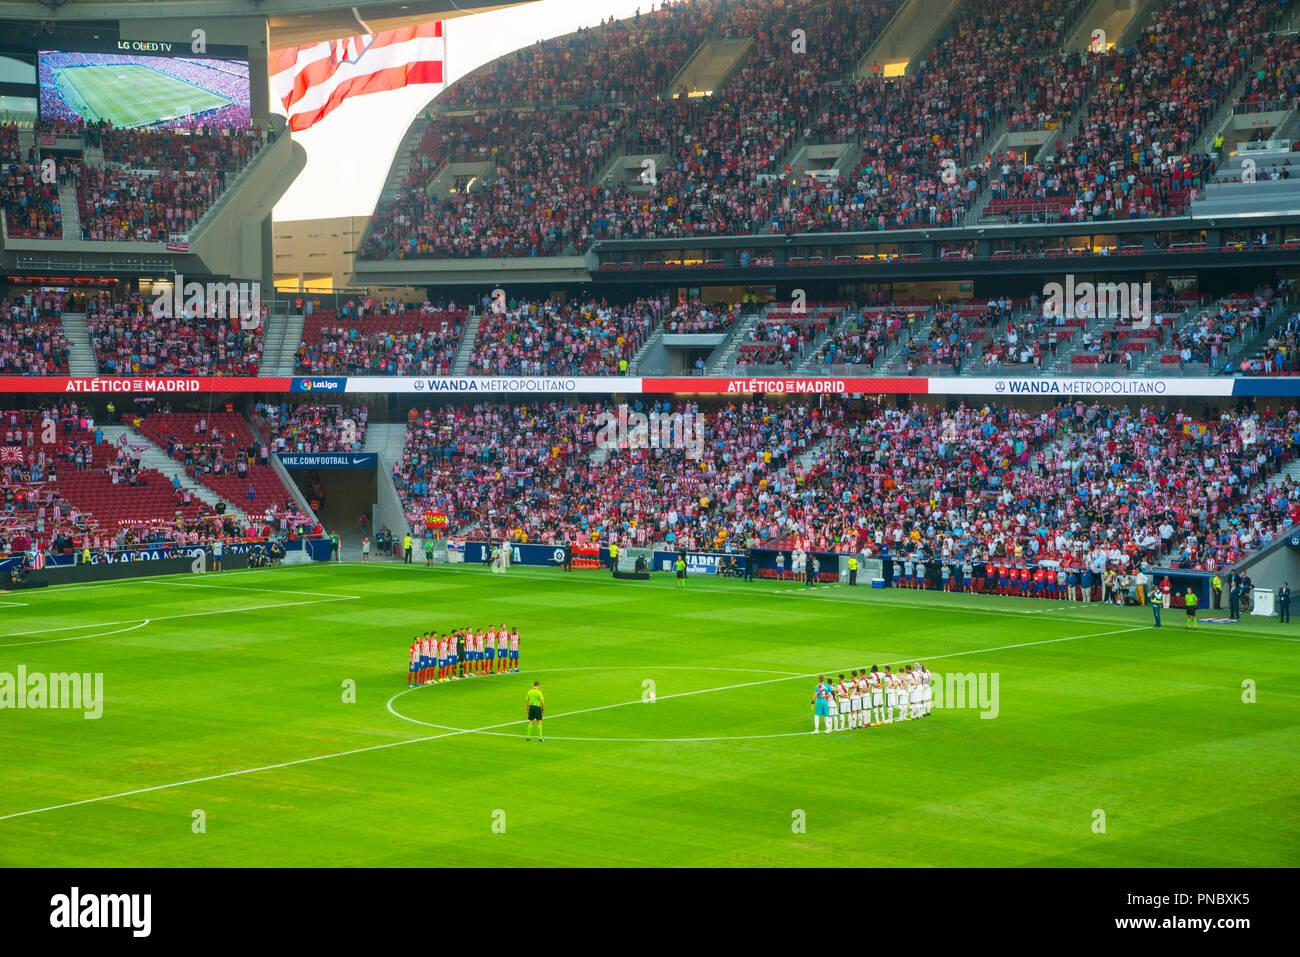 Momento de silencio antes de un partido de fútbol. Wanda estadio Metropolitano, Madrid, España. Foto de stock